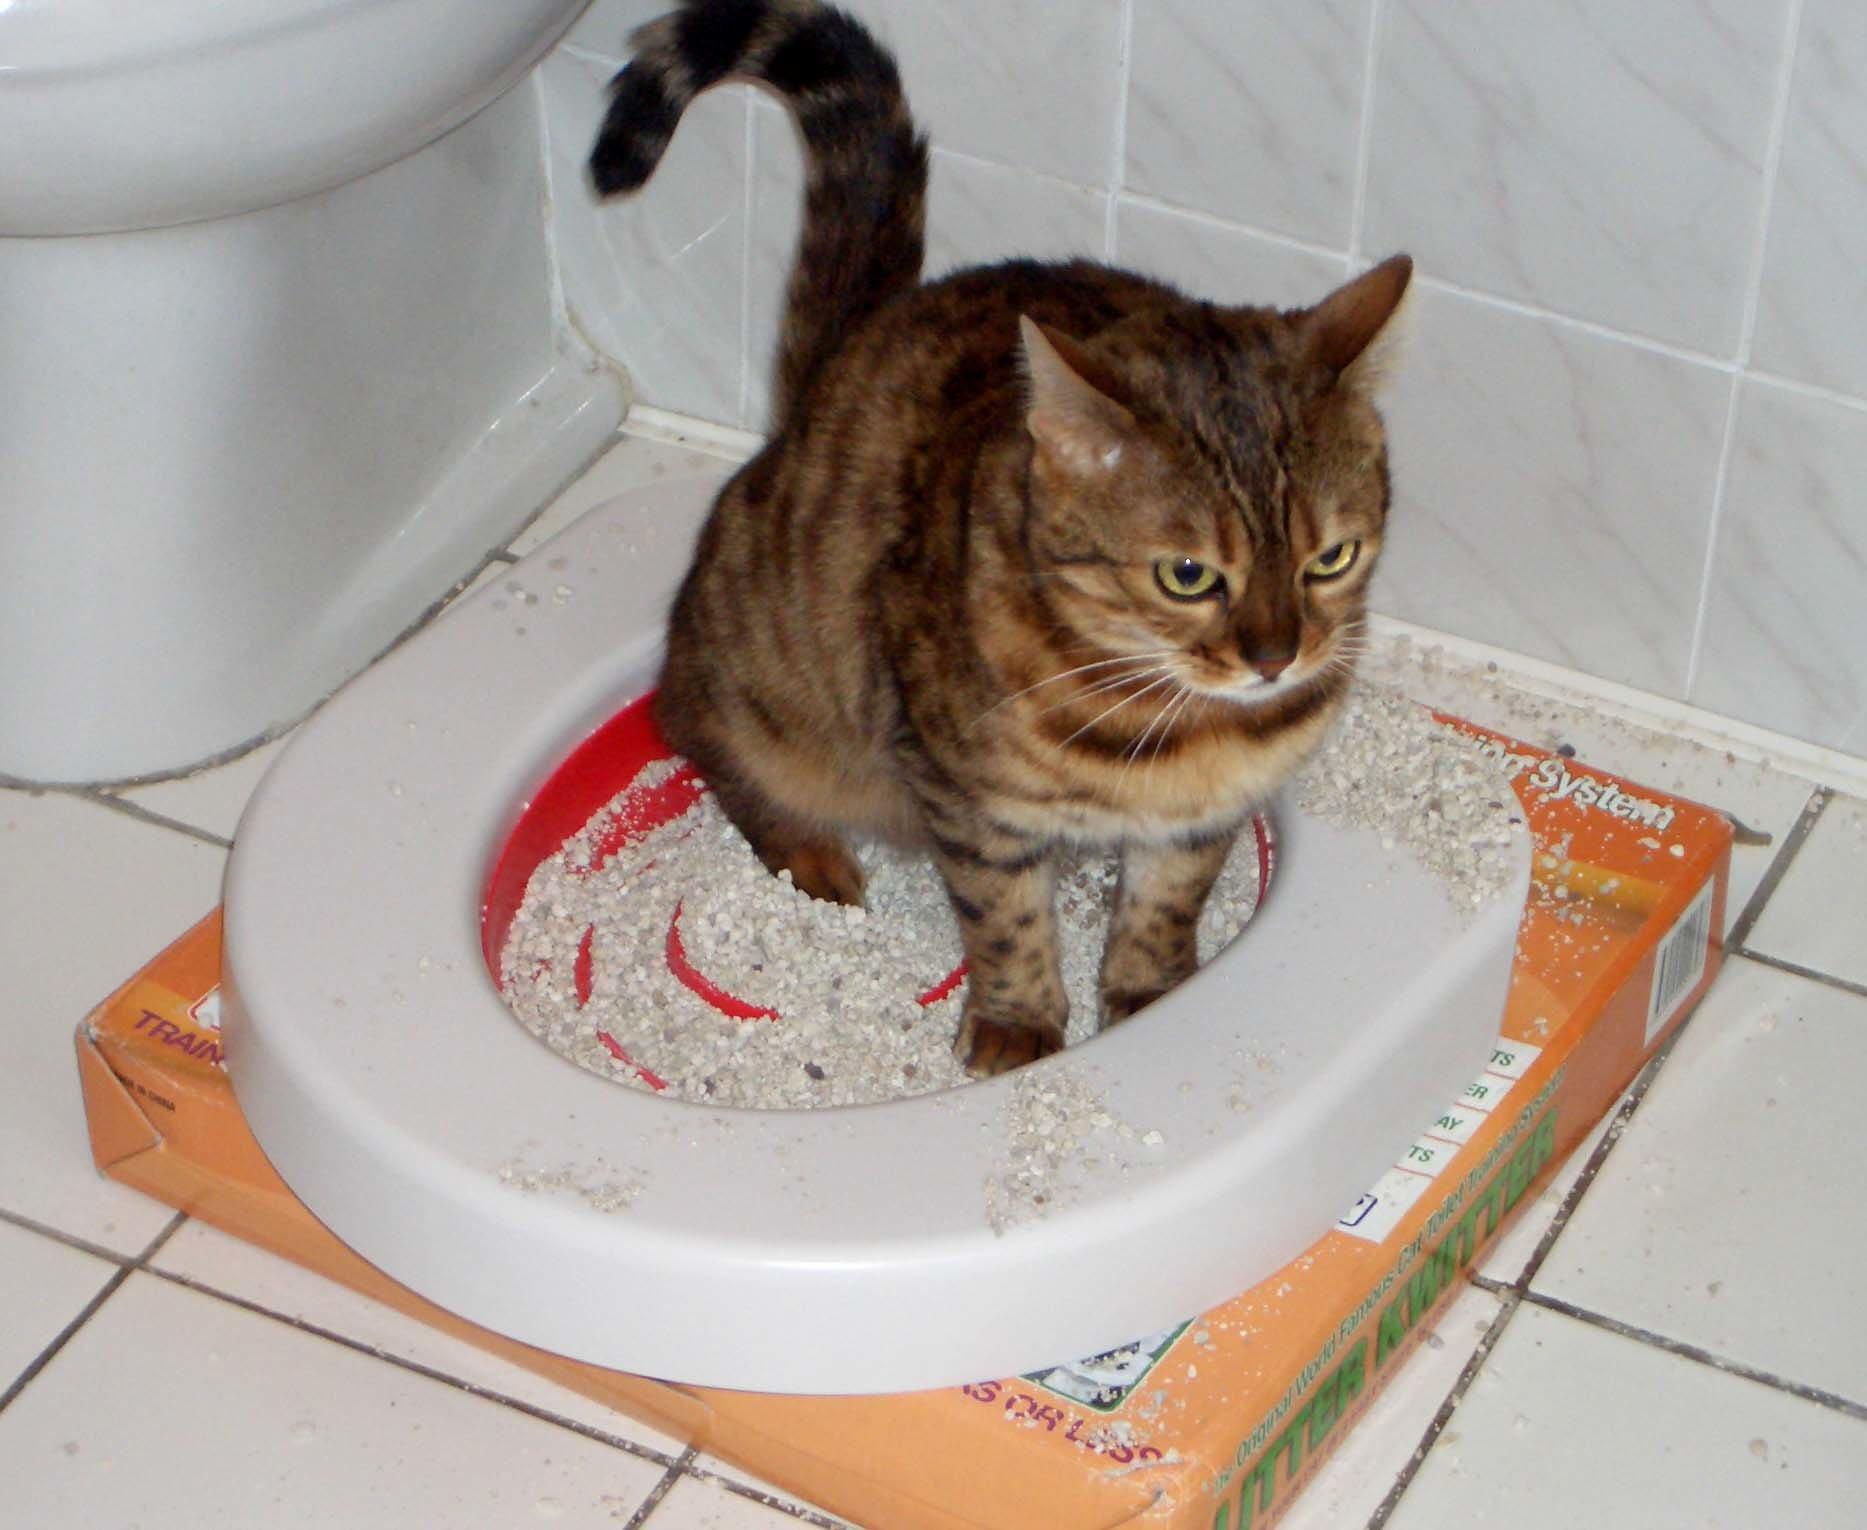 При упорном отказе кота ходить в лоток причина, возможно, кроется в наполнителе